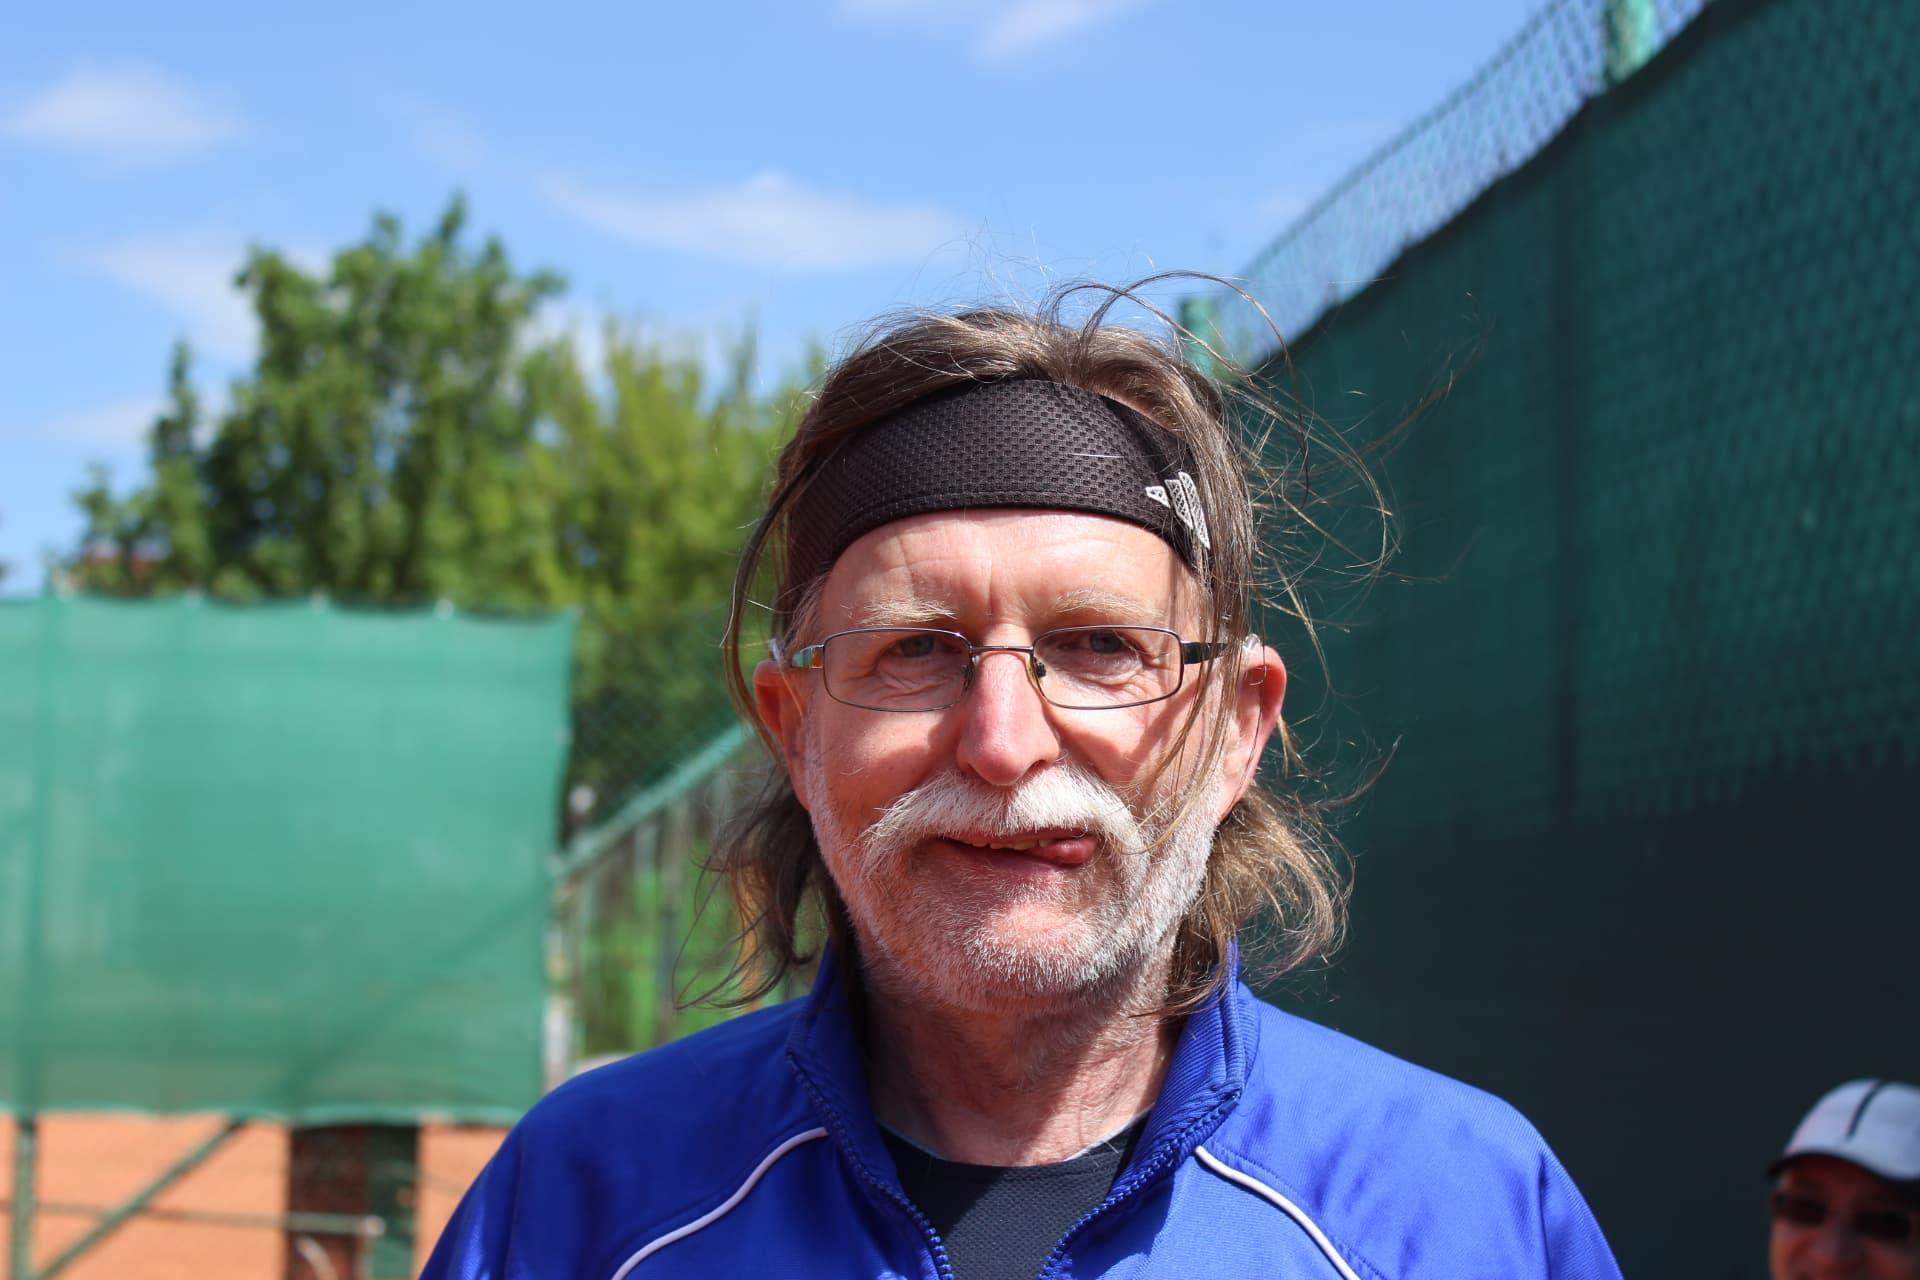 Wojciech Olejniczenko